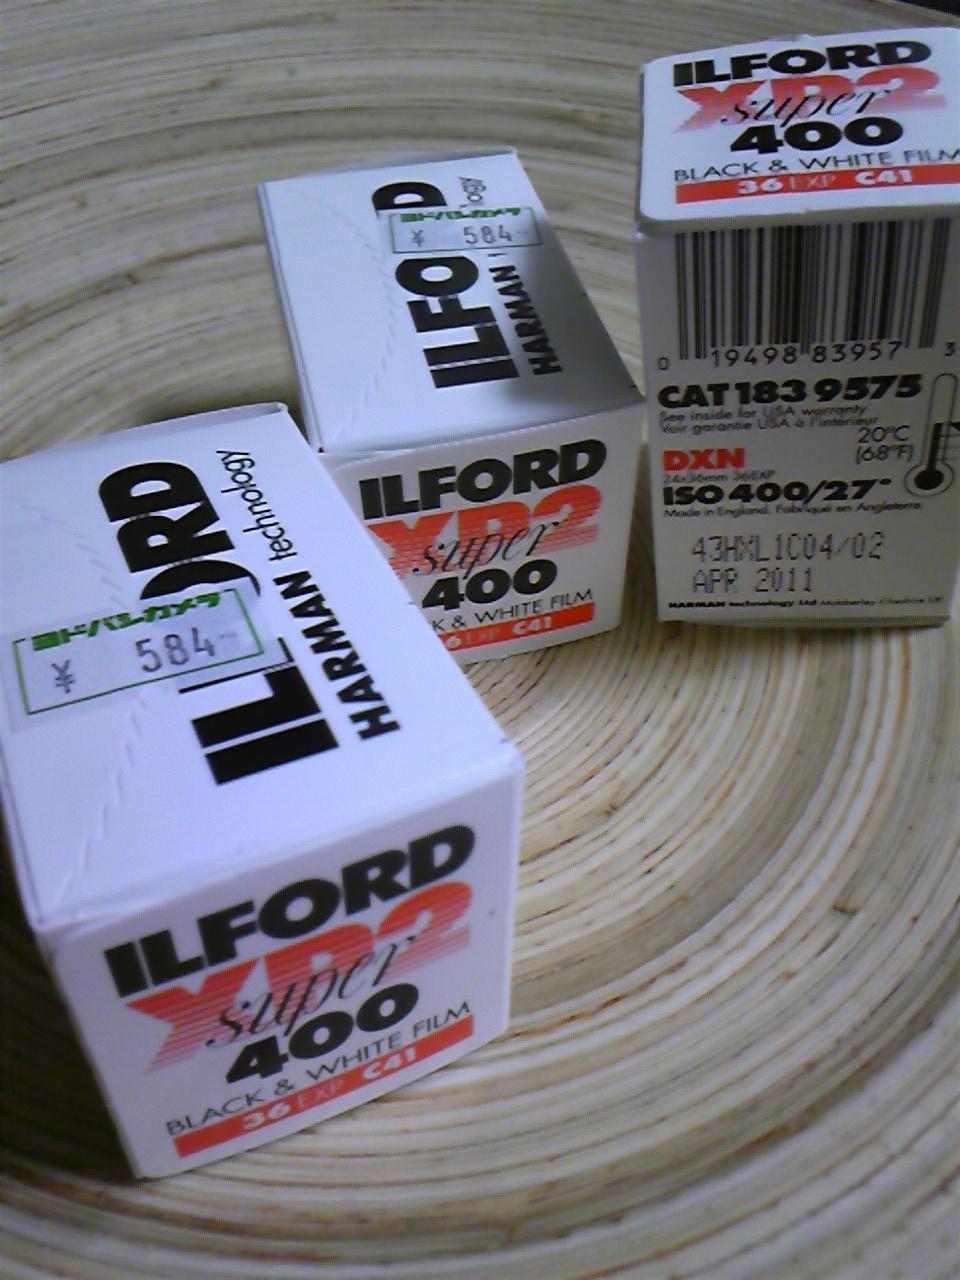 ILFORD XP2 super400